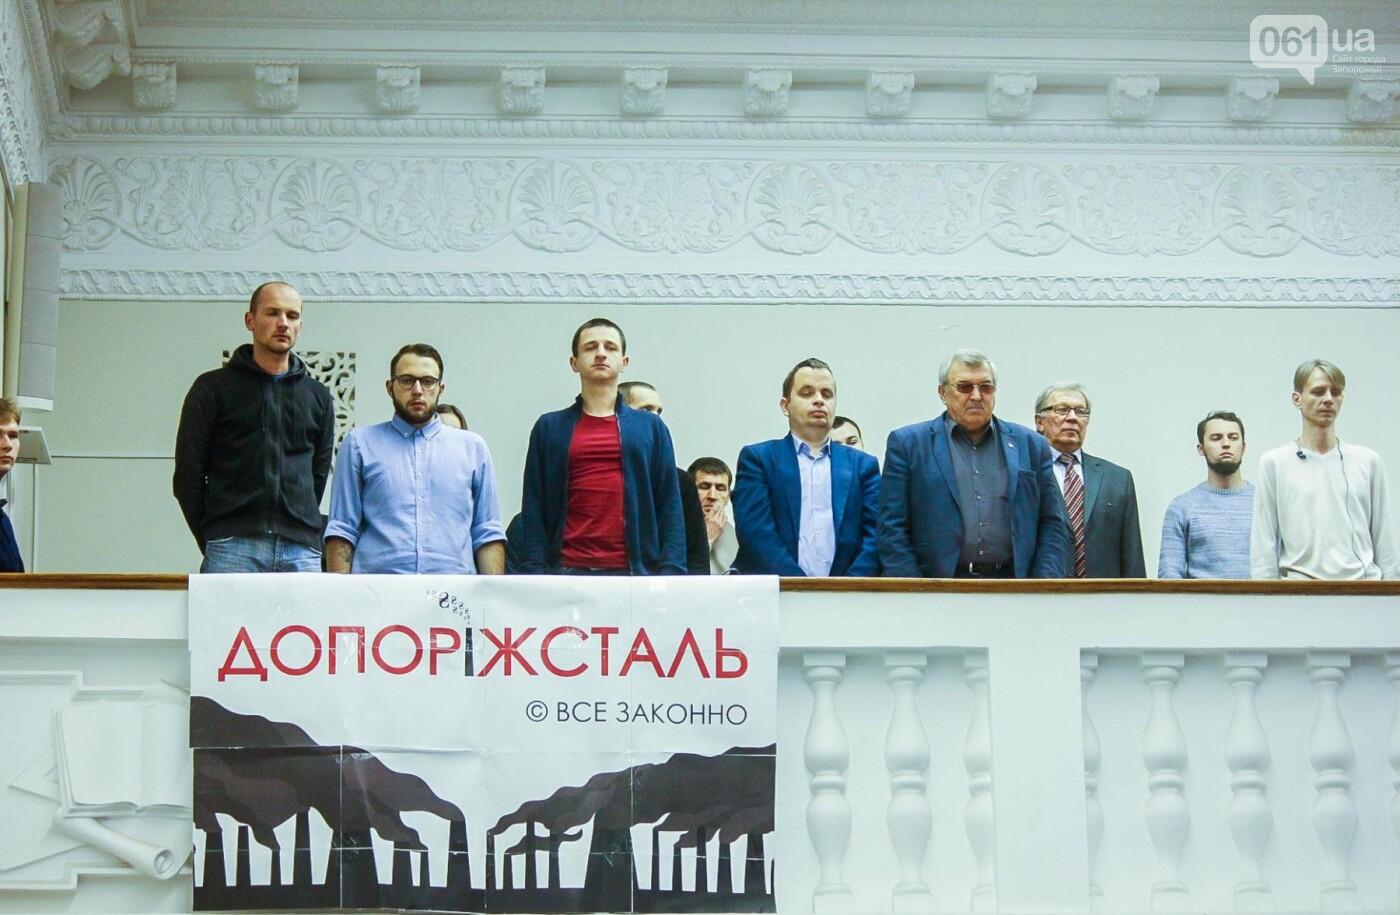 Сессия запорожского горсовета в лицах, - ФОТОРЕПОРТАЖ, фото-5